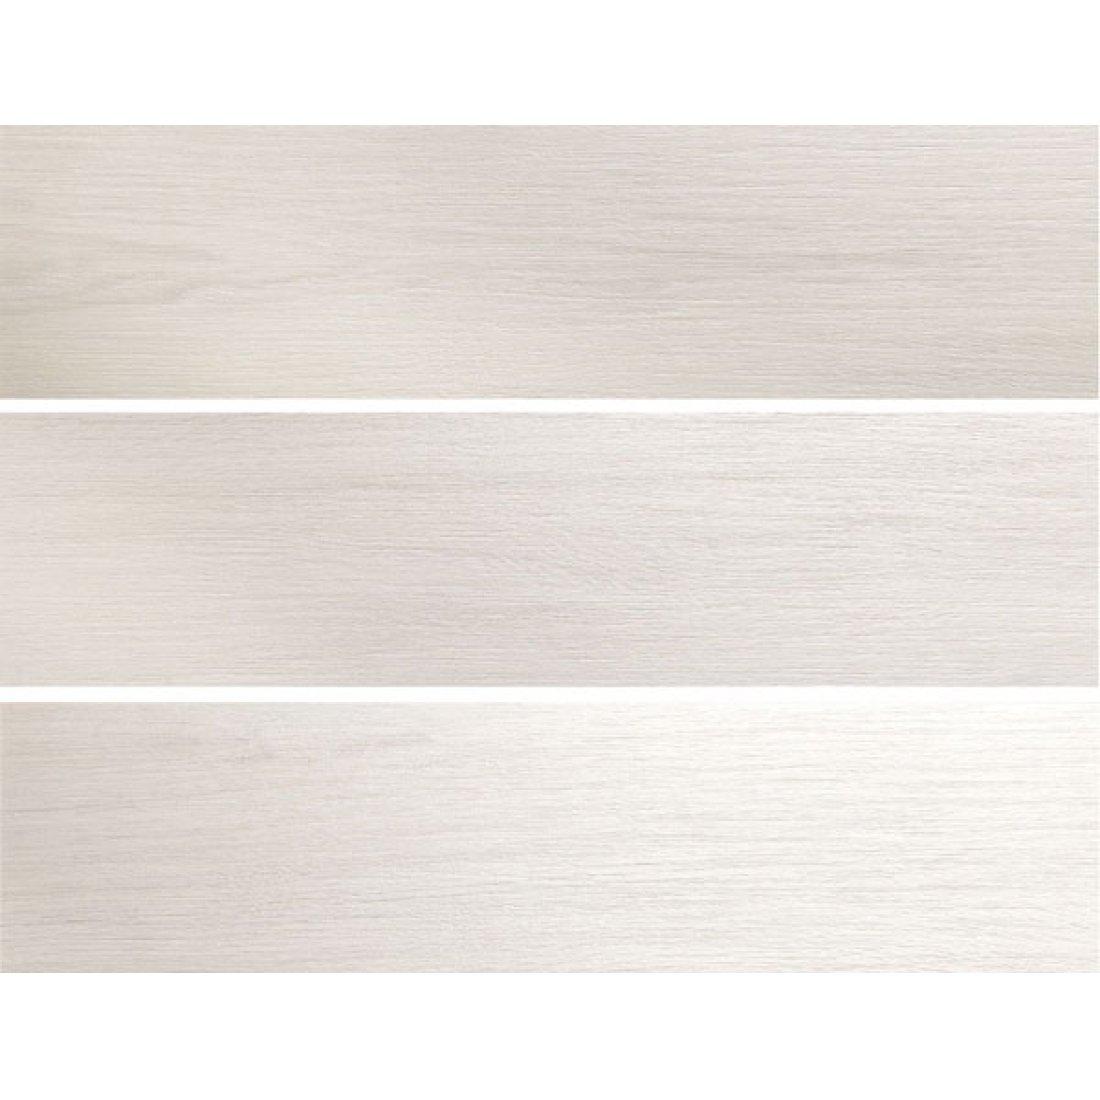 Фрегат белый обрезной 20*80 керамический гранит KERAMA MARAZZI, артикул SG701100R